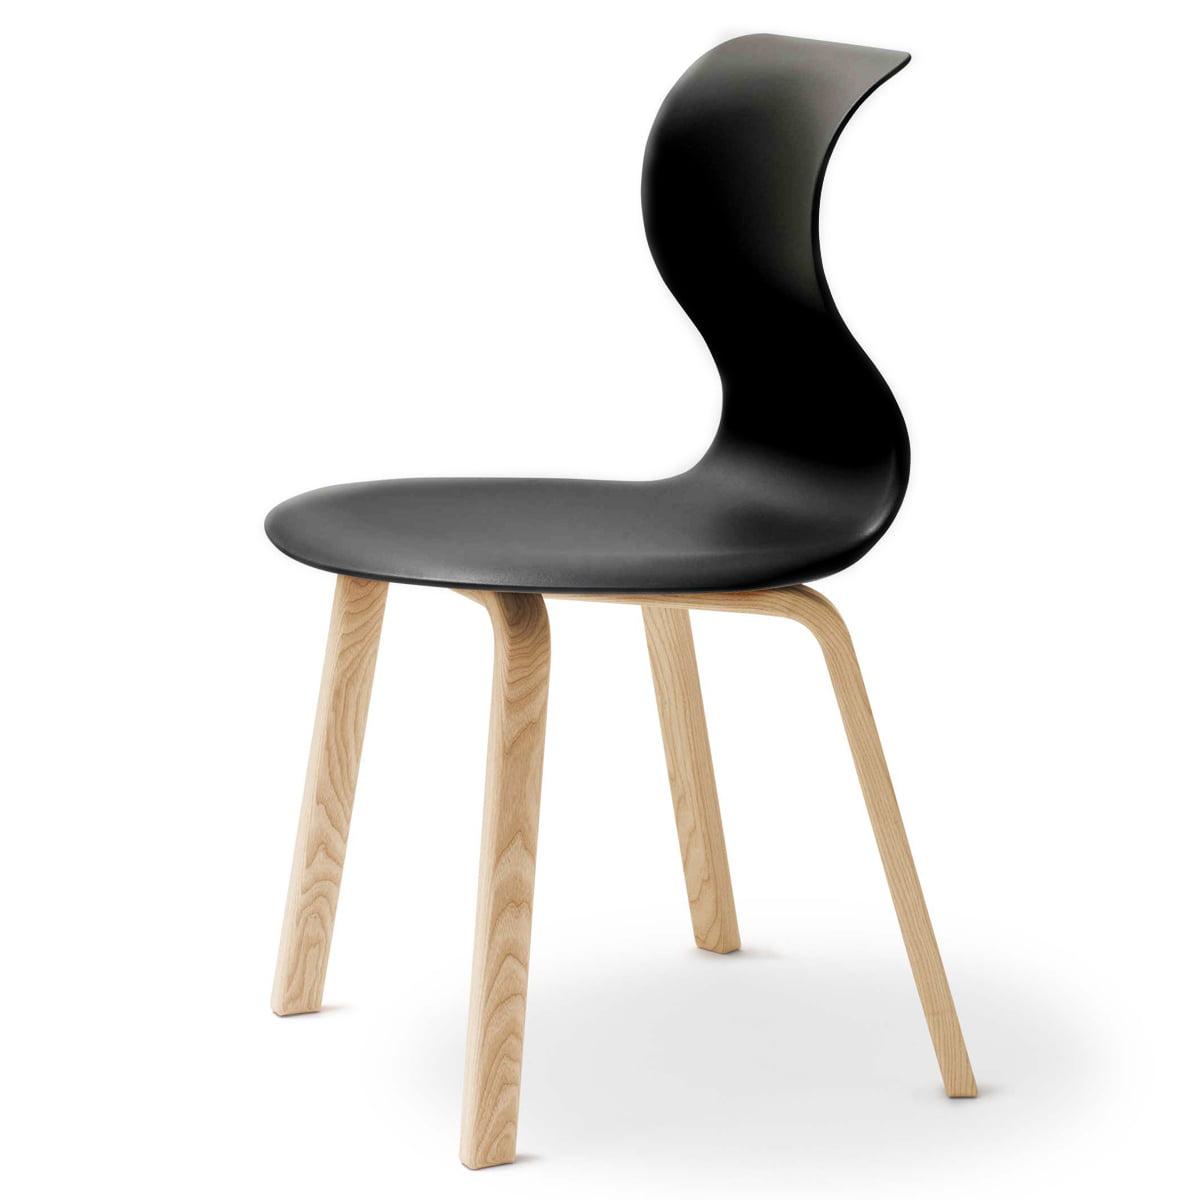 Quatre Pieds Chaises flötotto pro 6 chaise, piètement quatre pieds en bois